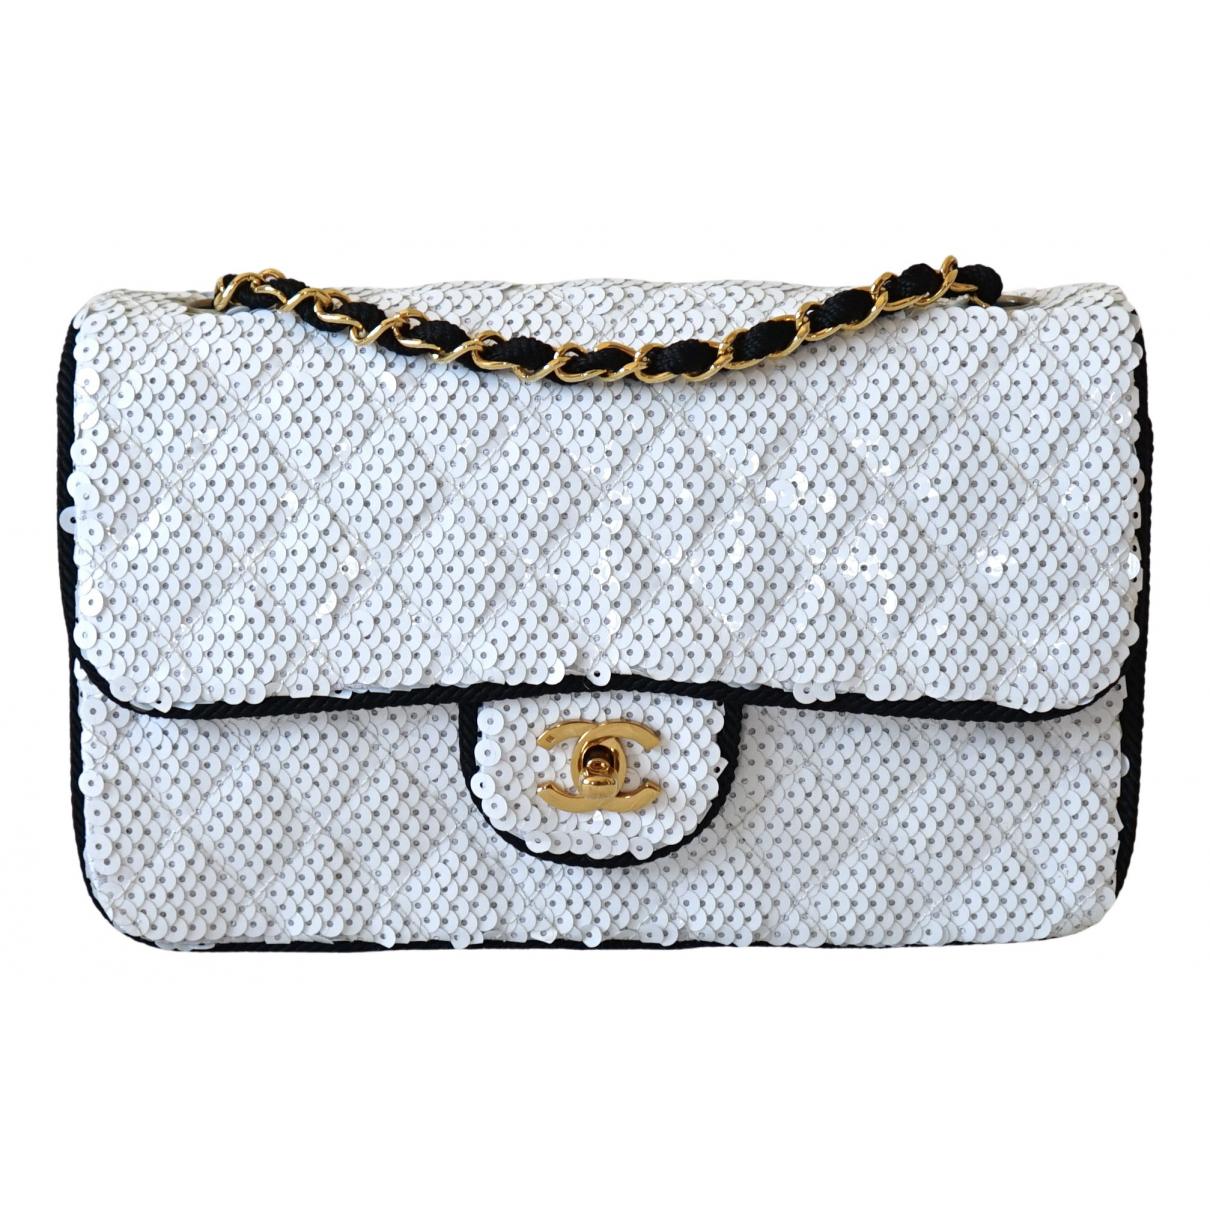 Chanel - Sac a main Timeless/Classique pour femme en toile - blanc